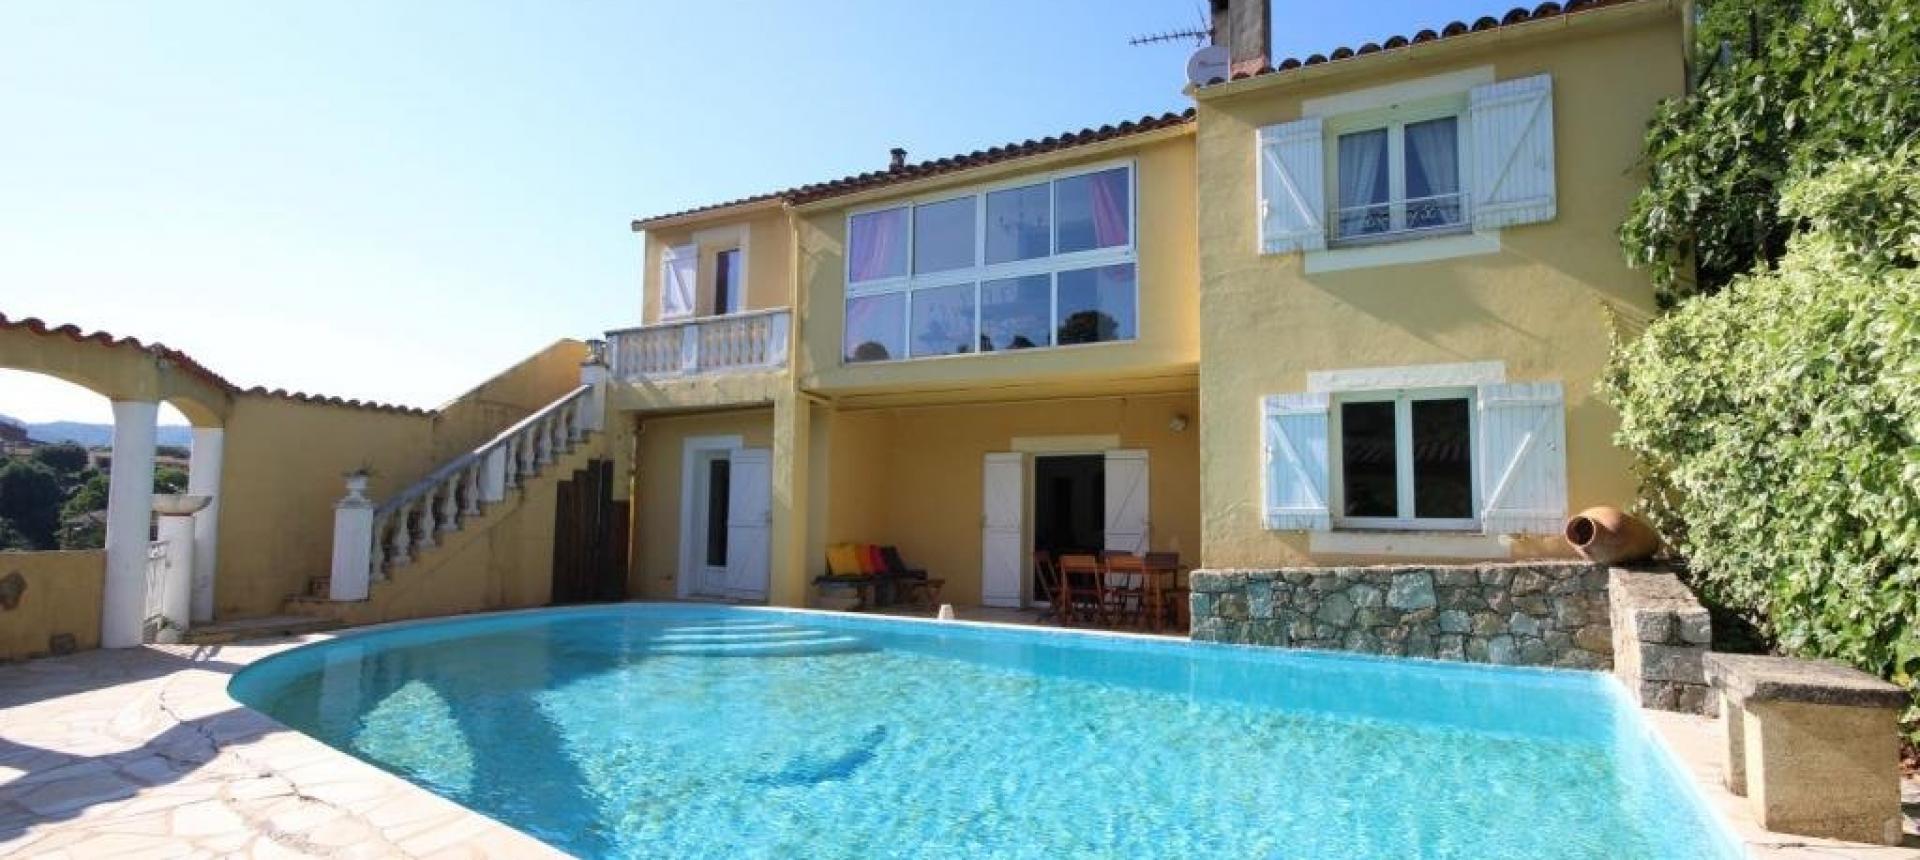 Piscine Terrasse verdure, Maison F4 a vendre, proche Mezzavia, En Corse, à Ajaccio.